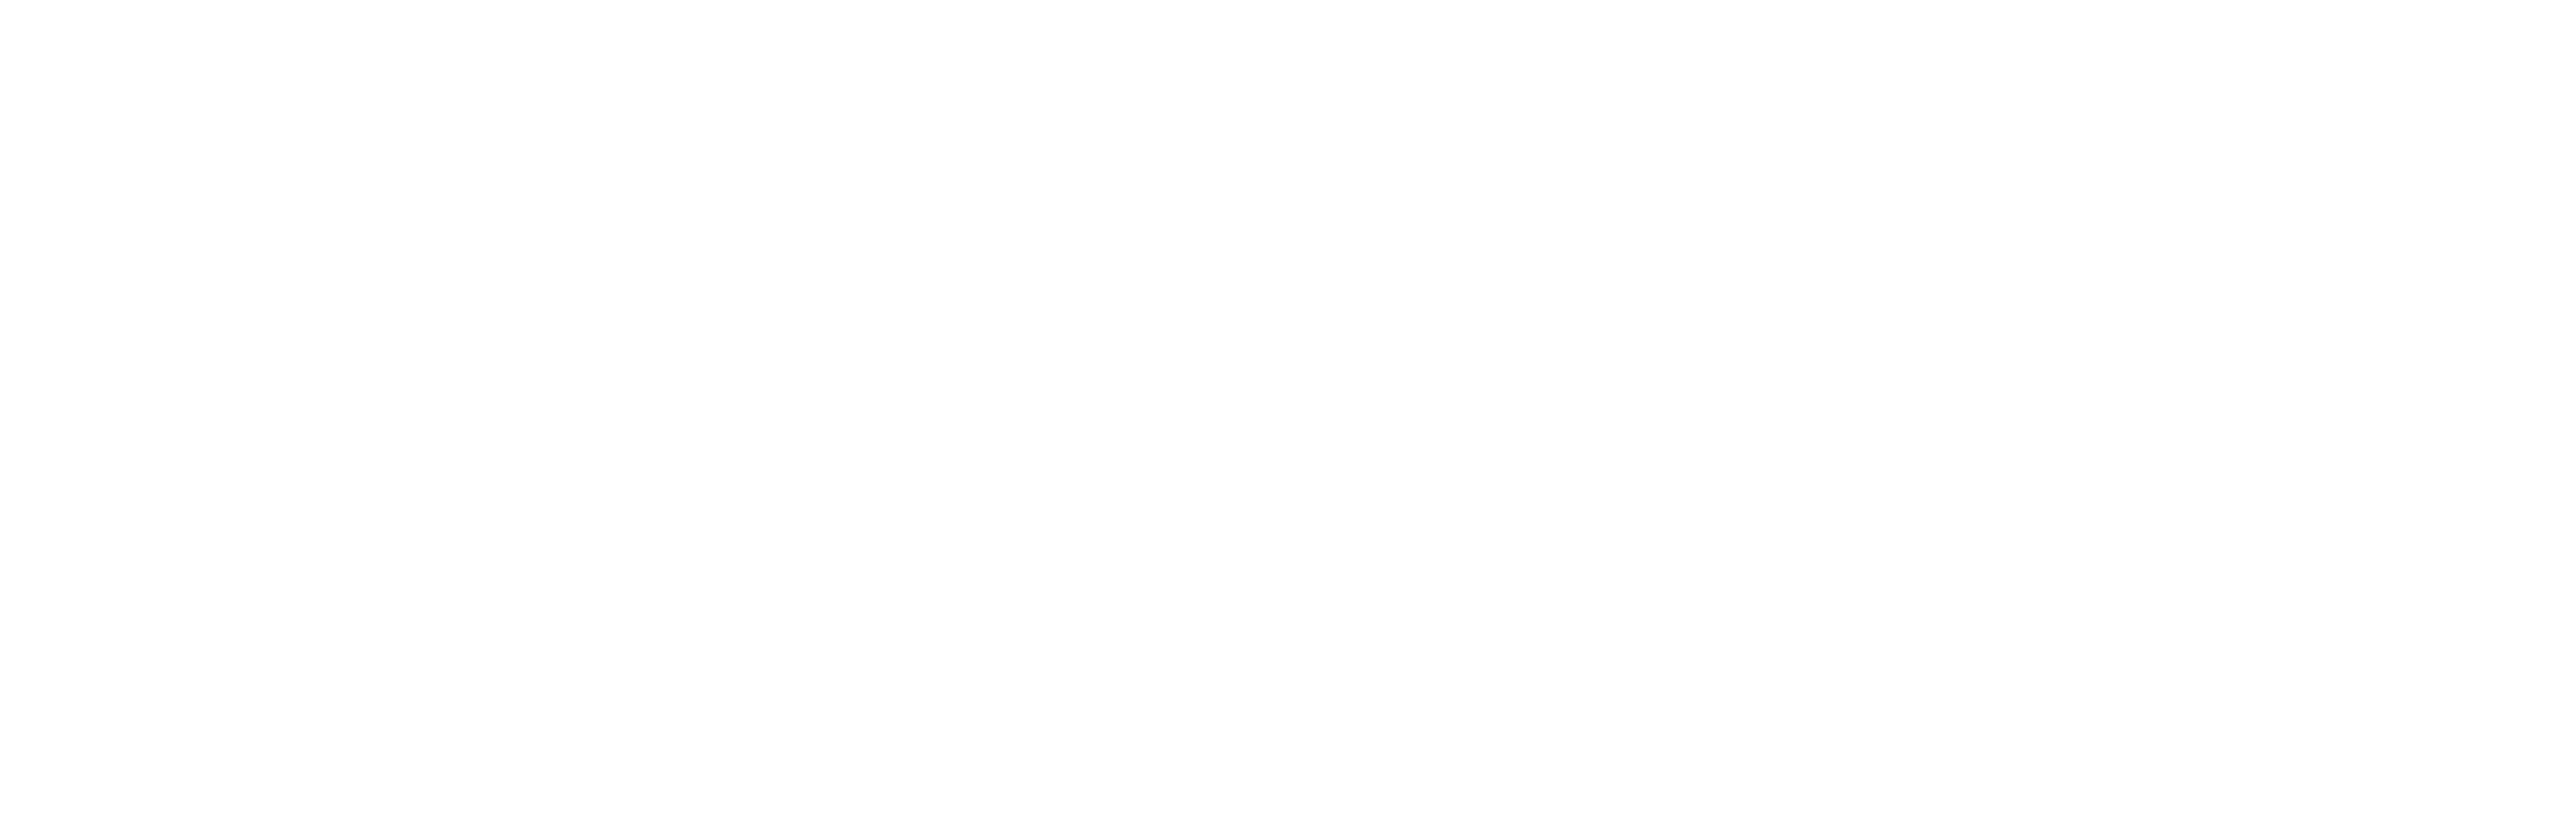 yerkoy adalet m y o yozgat bozok universitesi